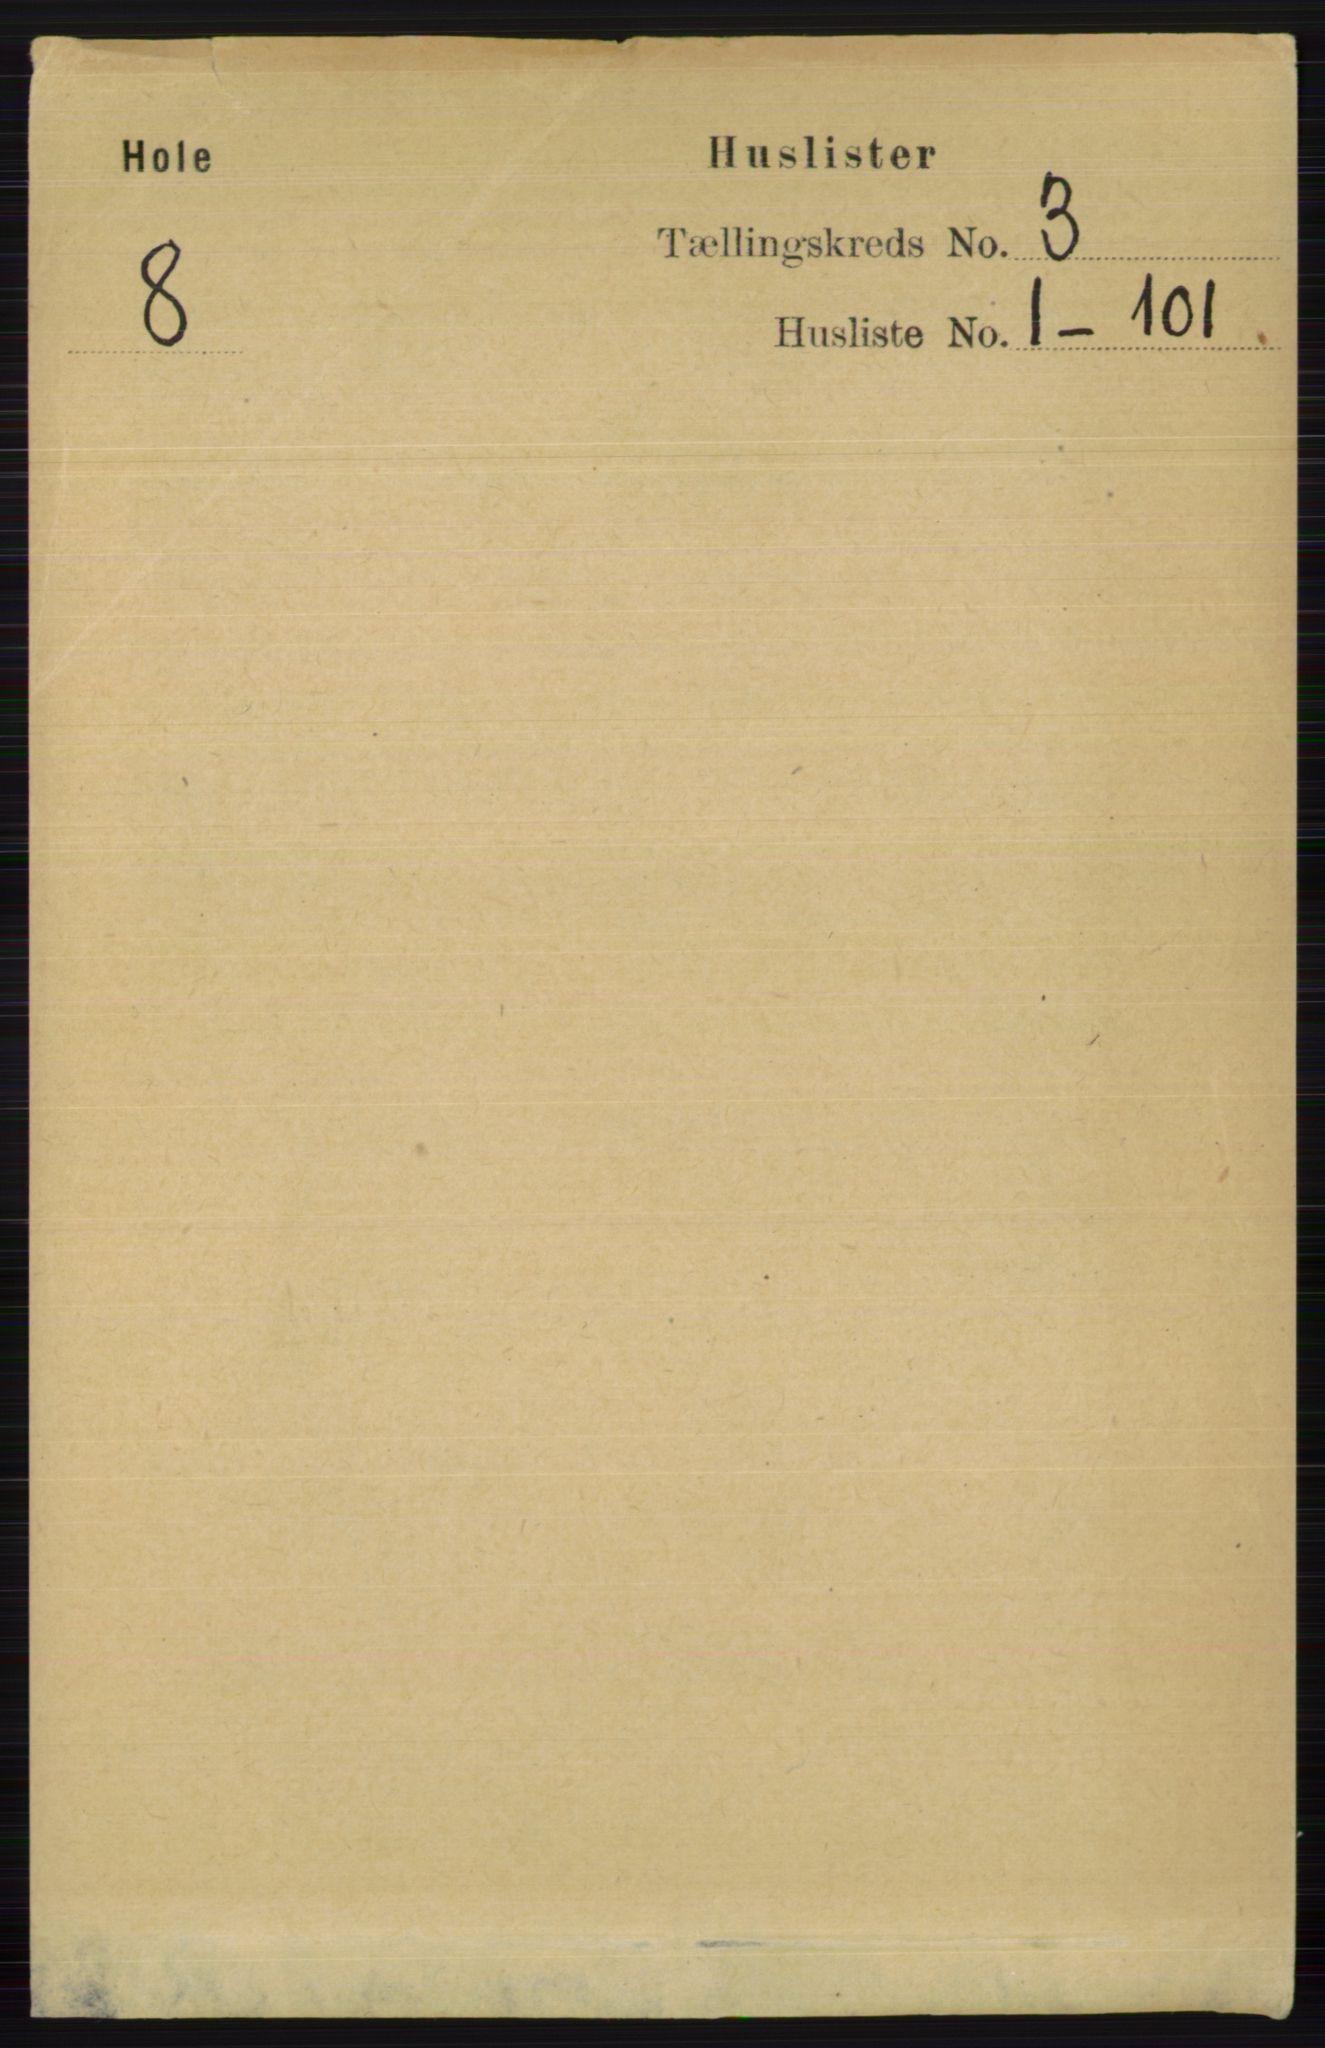 RA, Folketelling 1891 for 0612 Hole herred, 1891, s. 1118